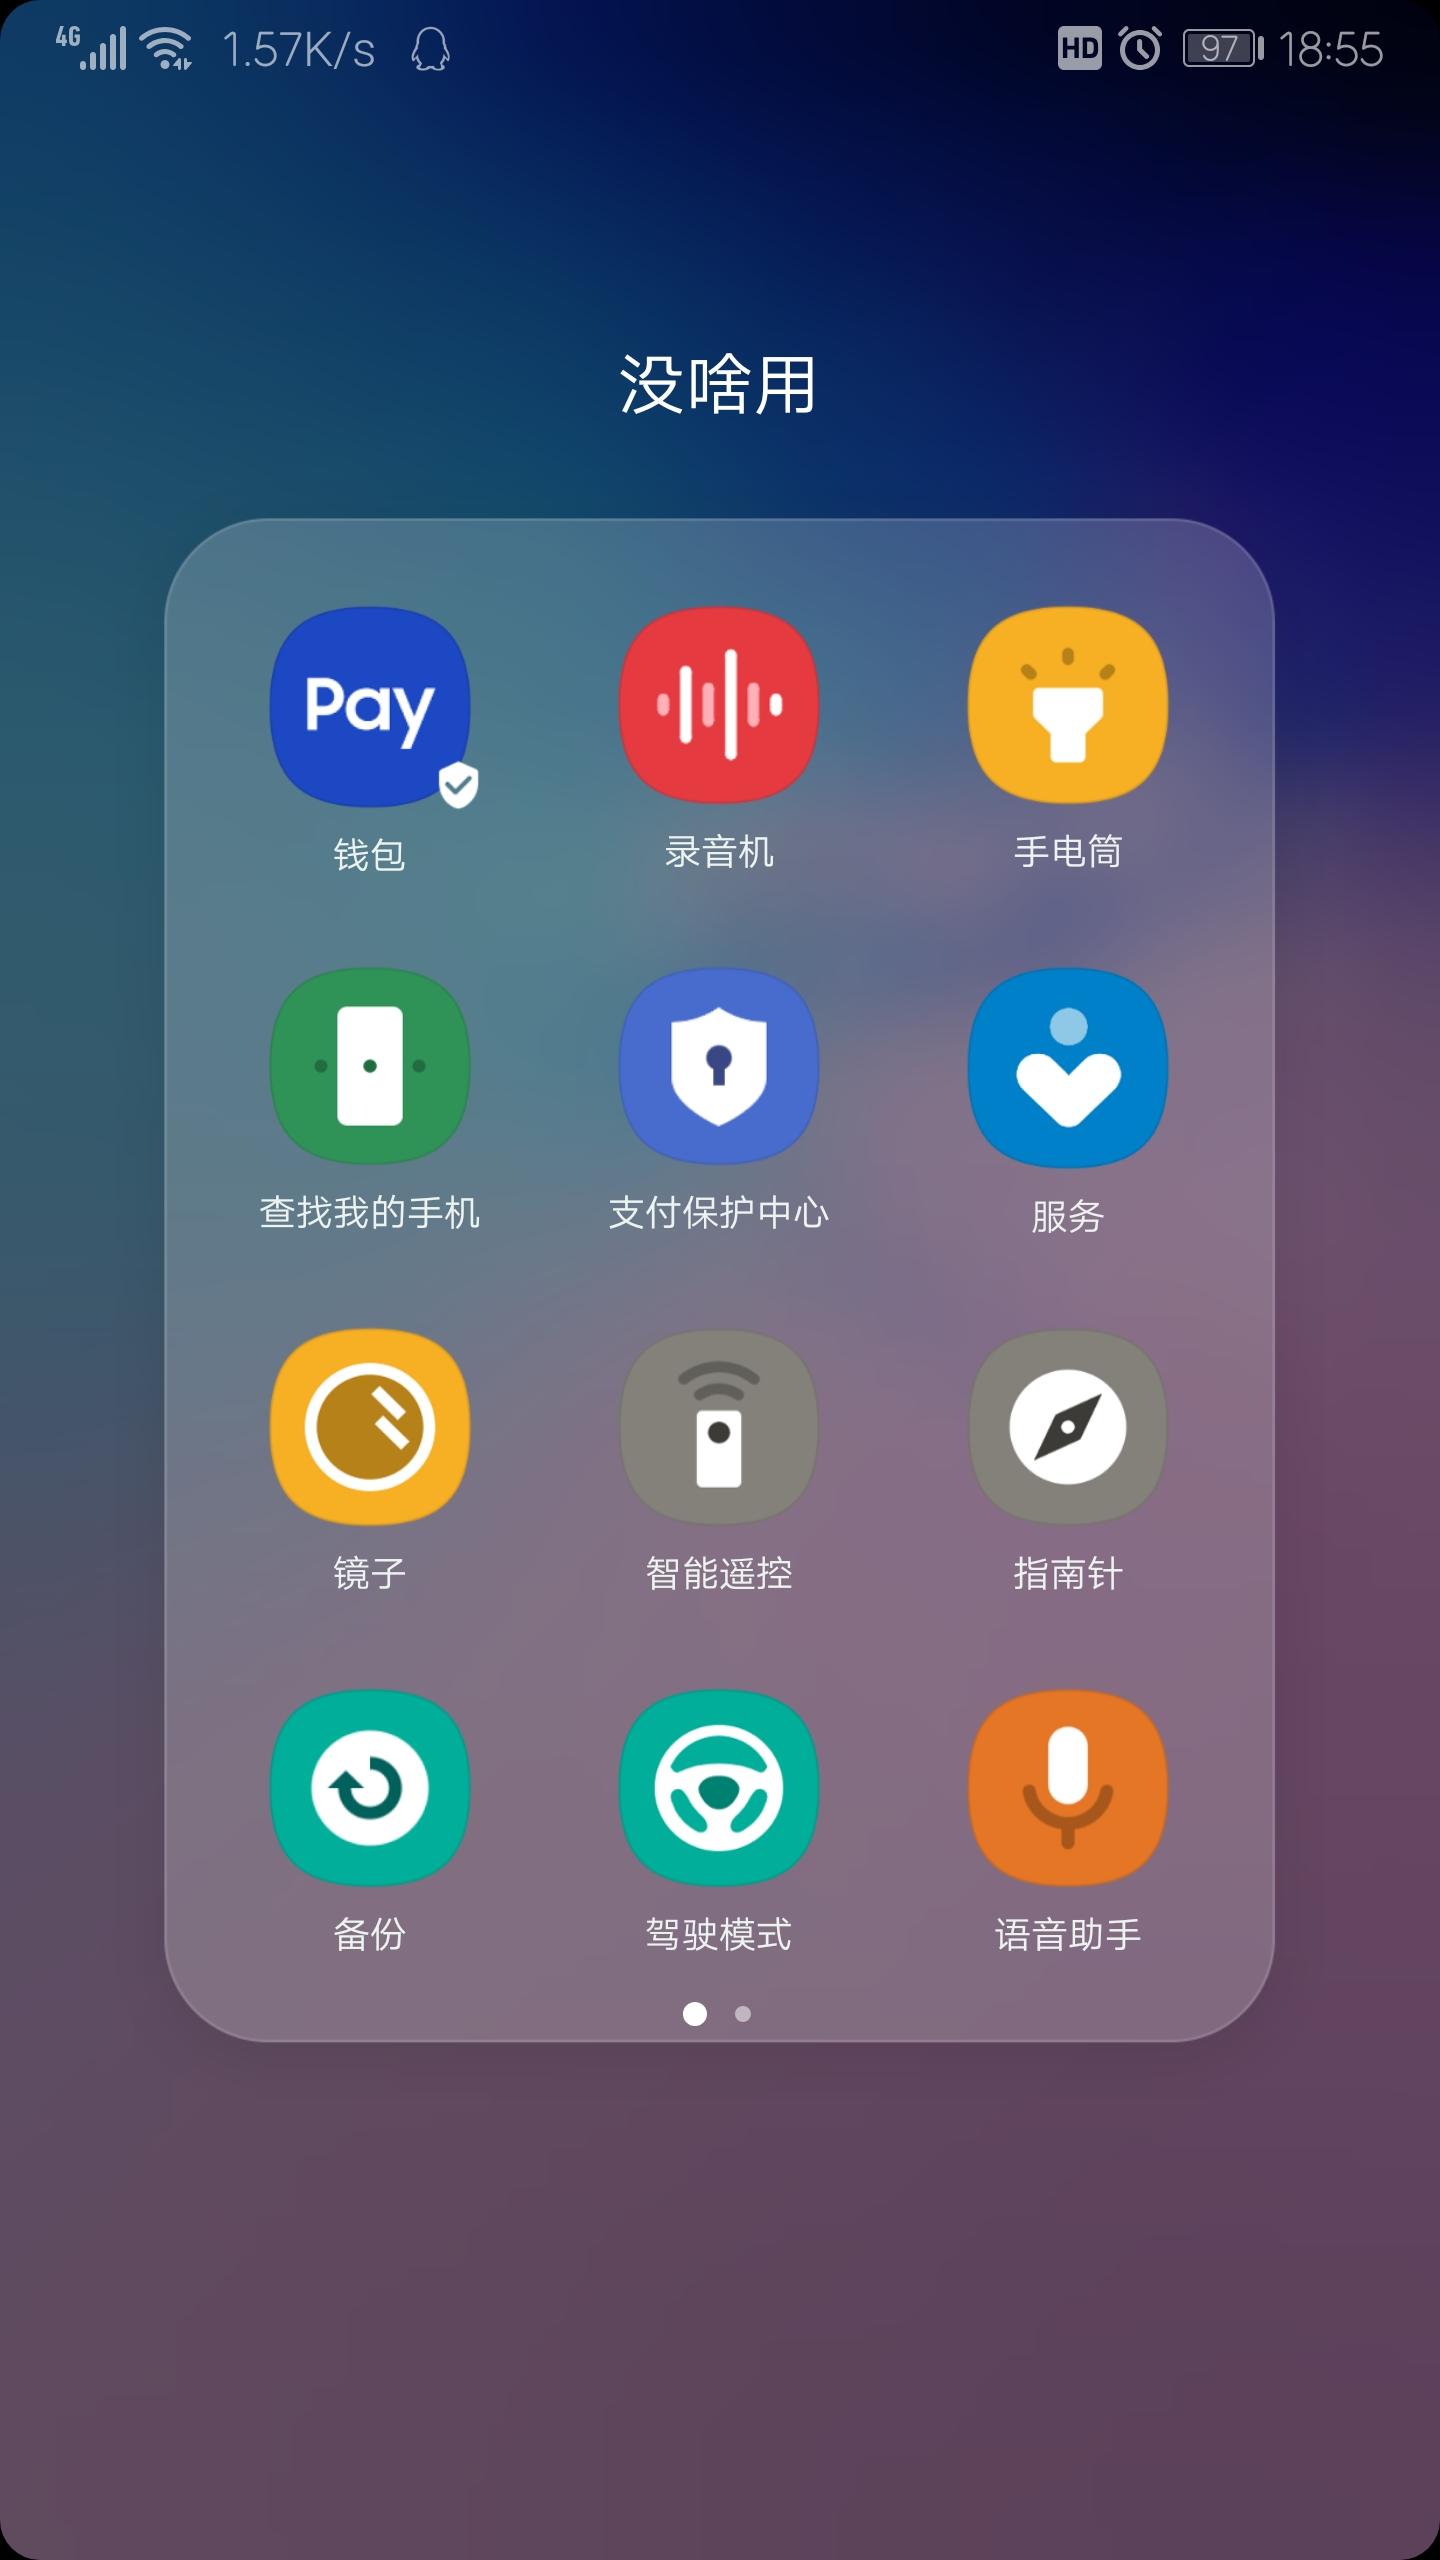 Screenshot_20190430_185523_com.huawei.android.launcher.jpg